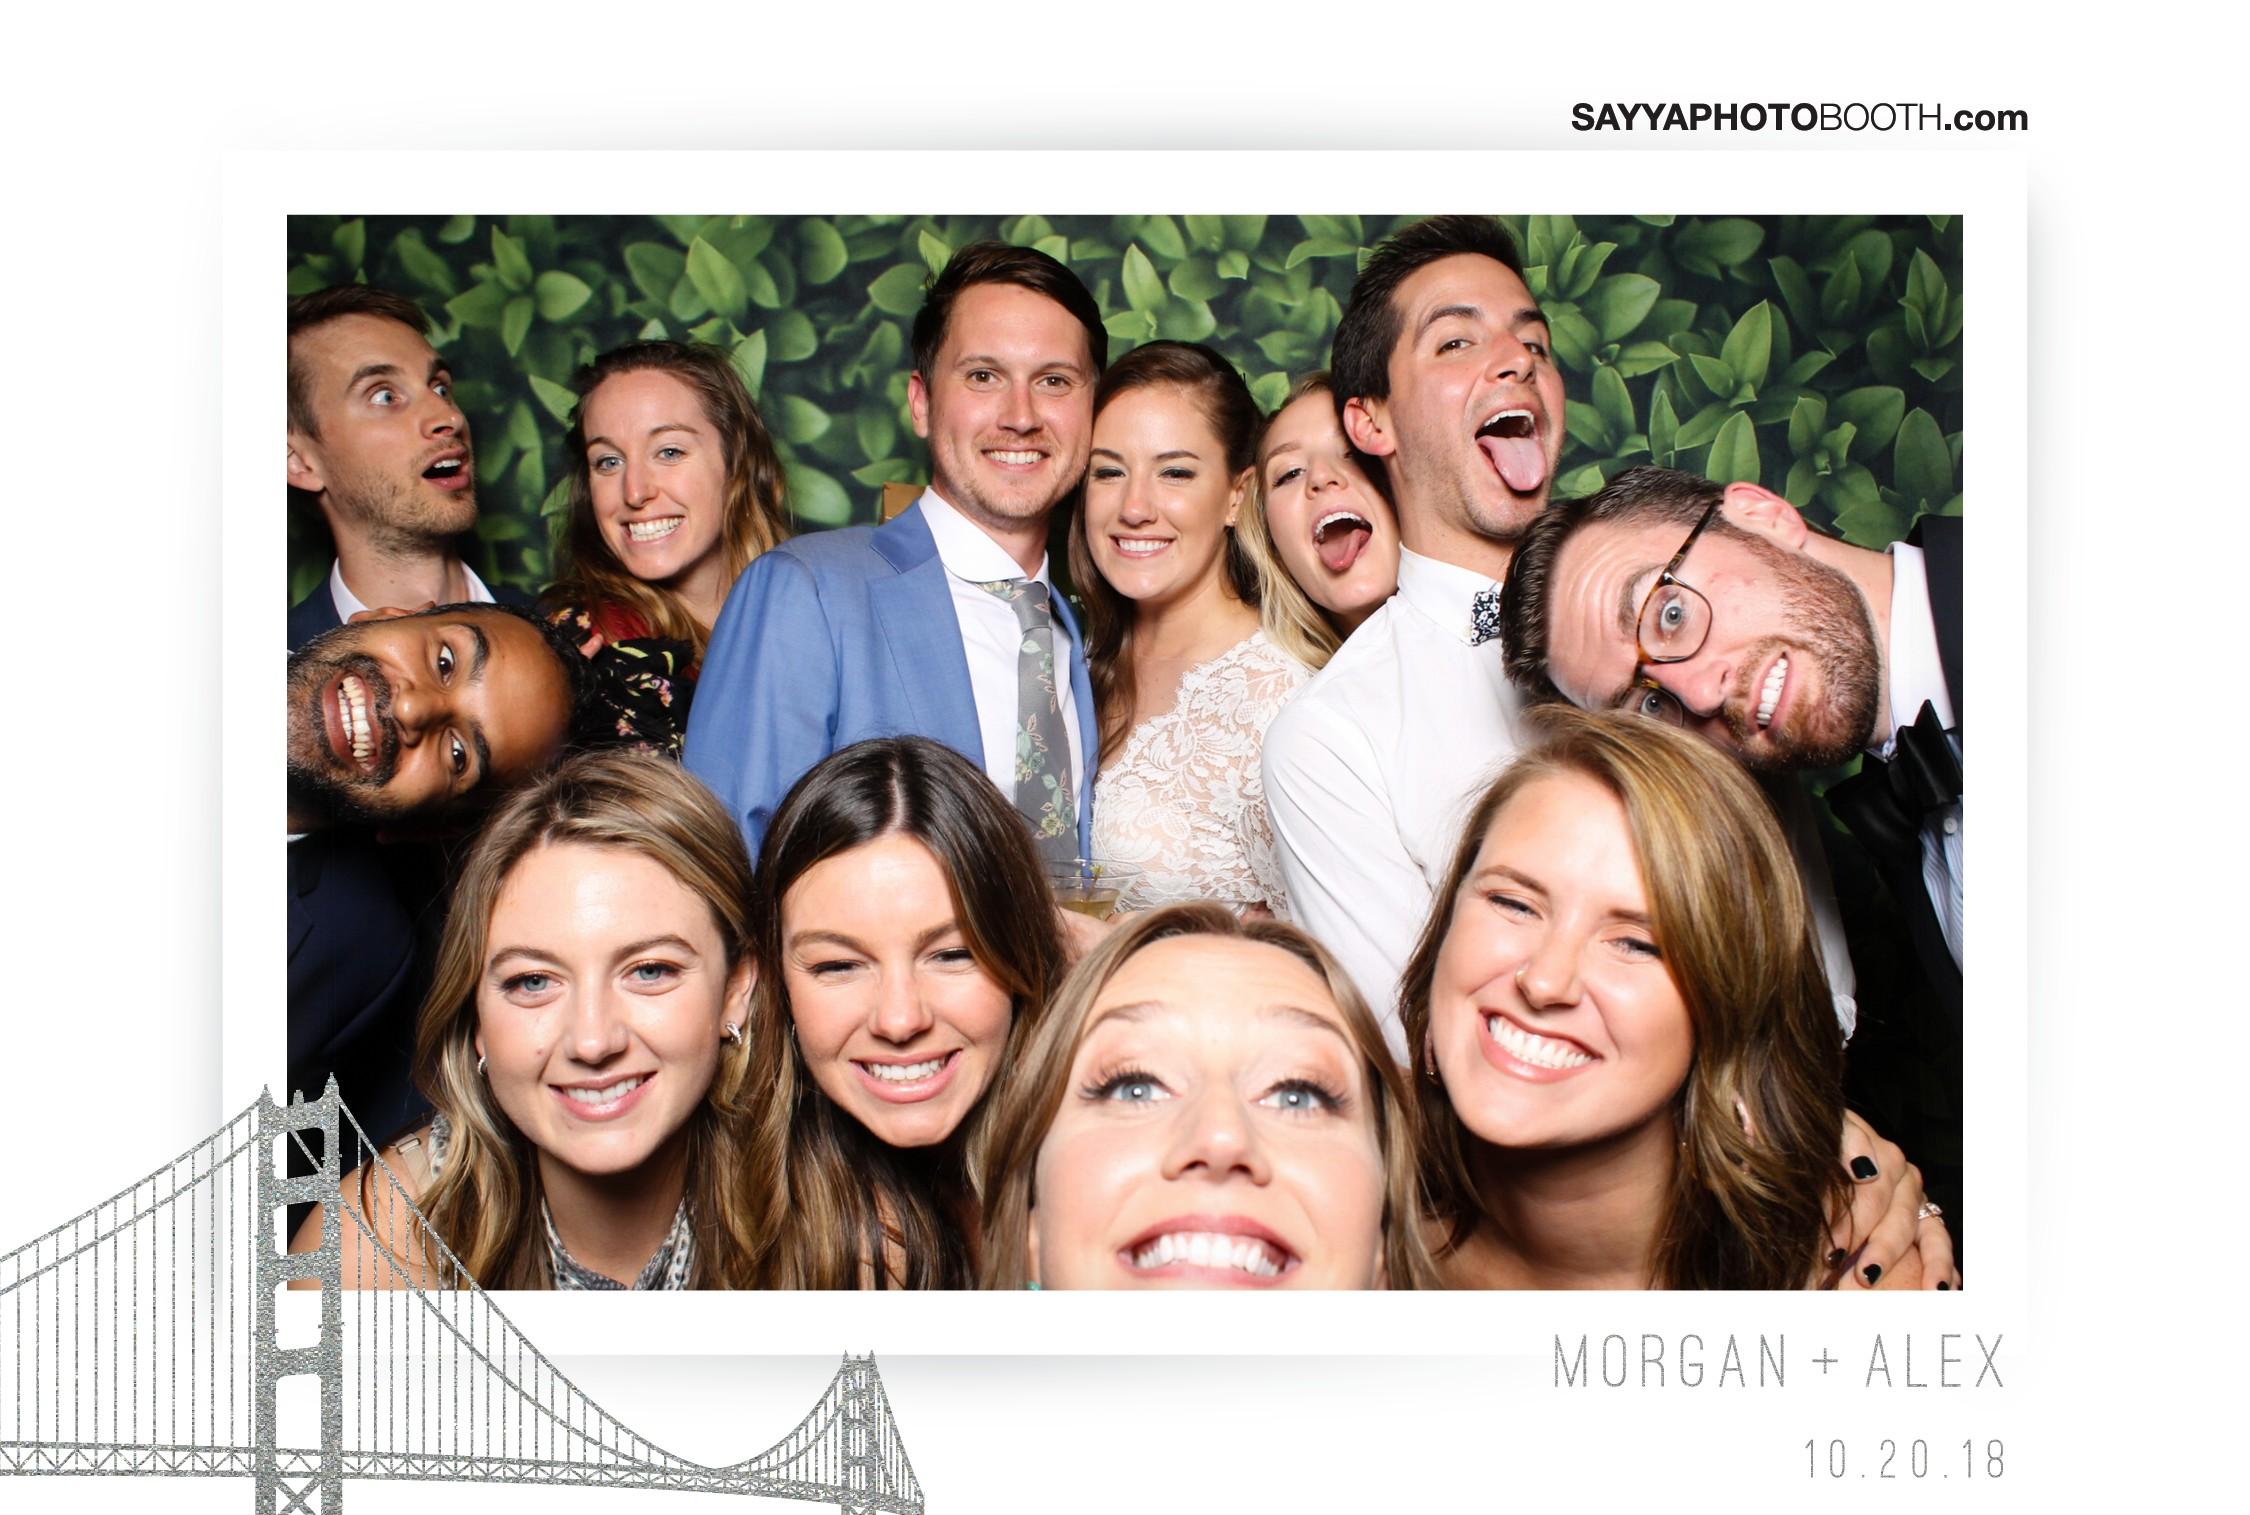 Morgan and Alex's Wedding